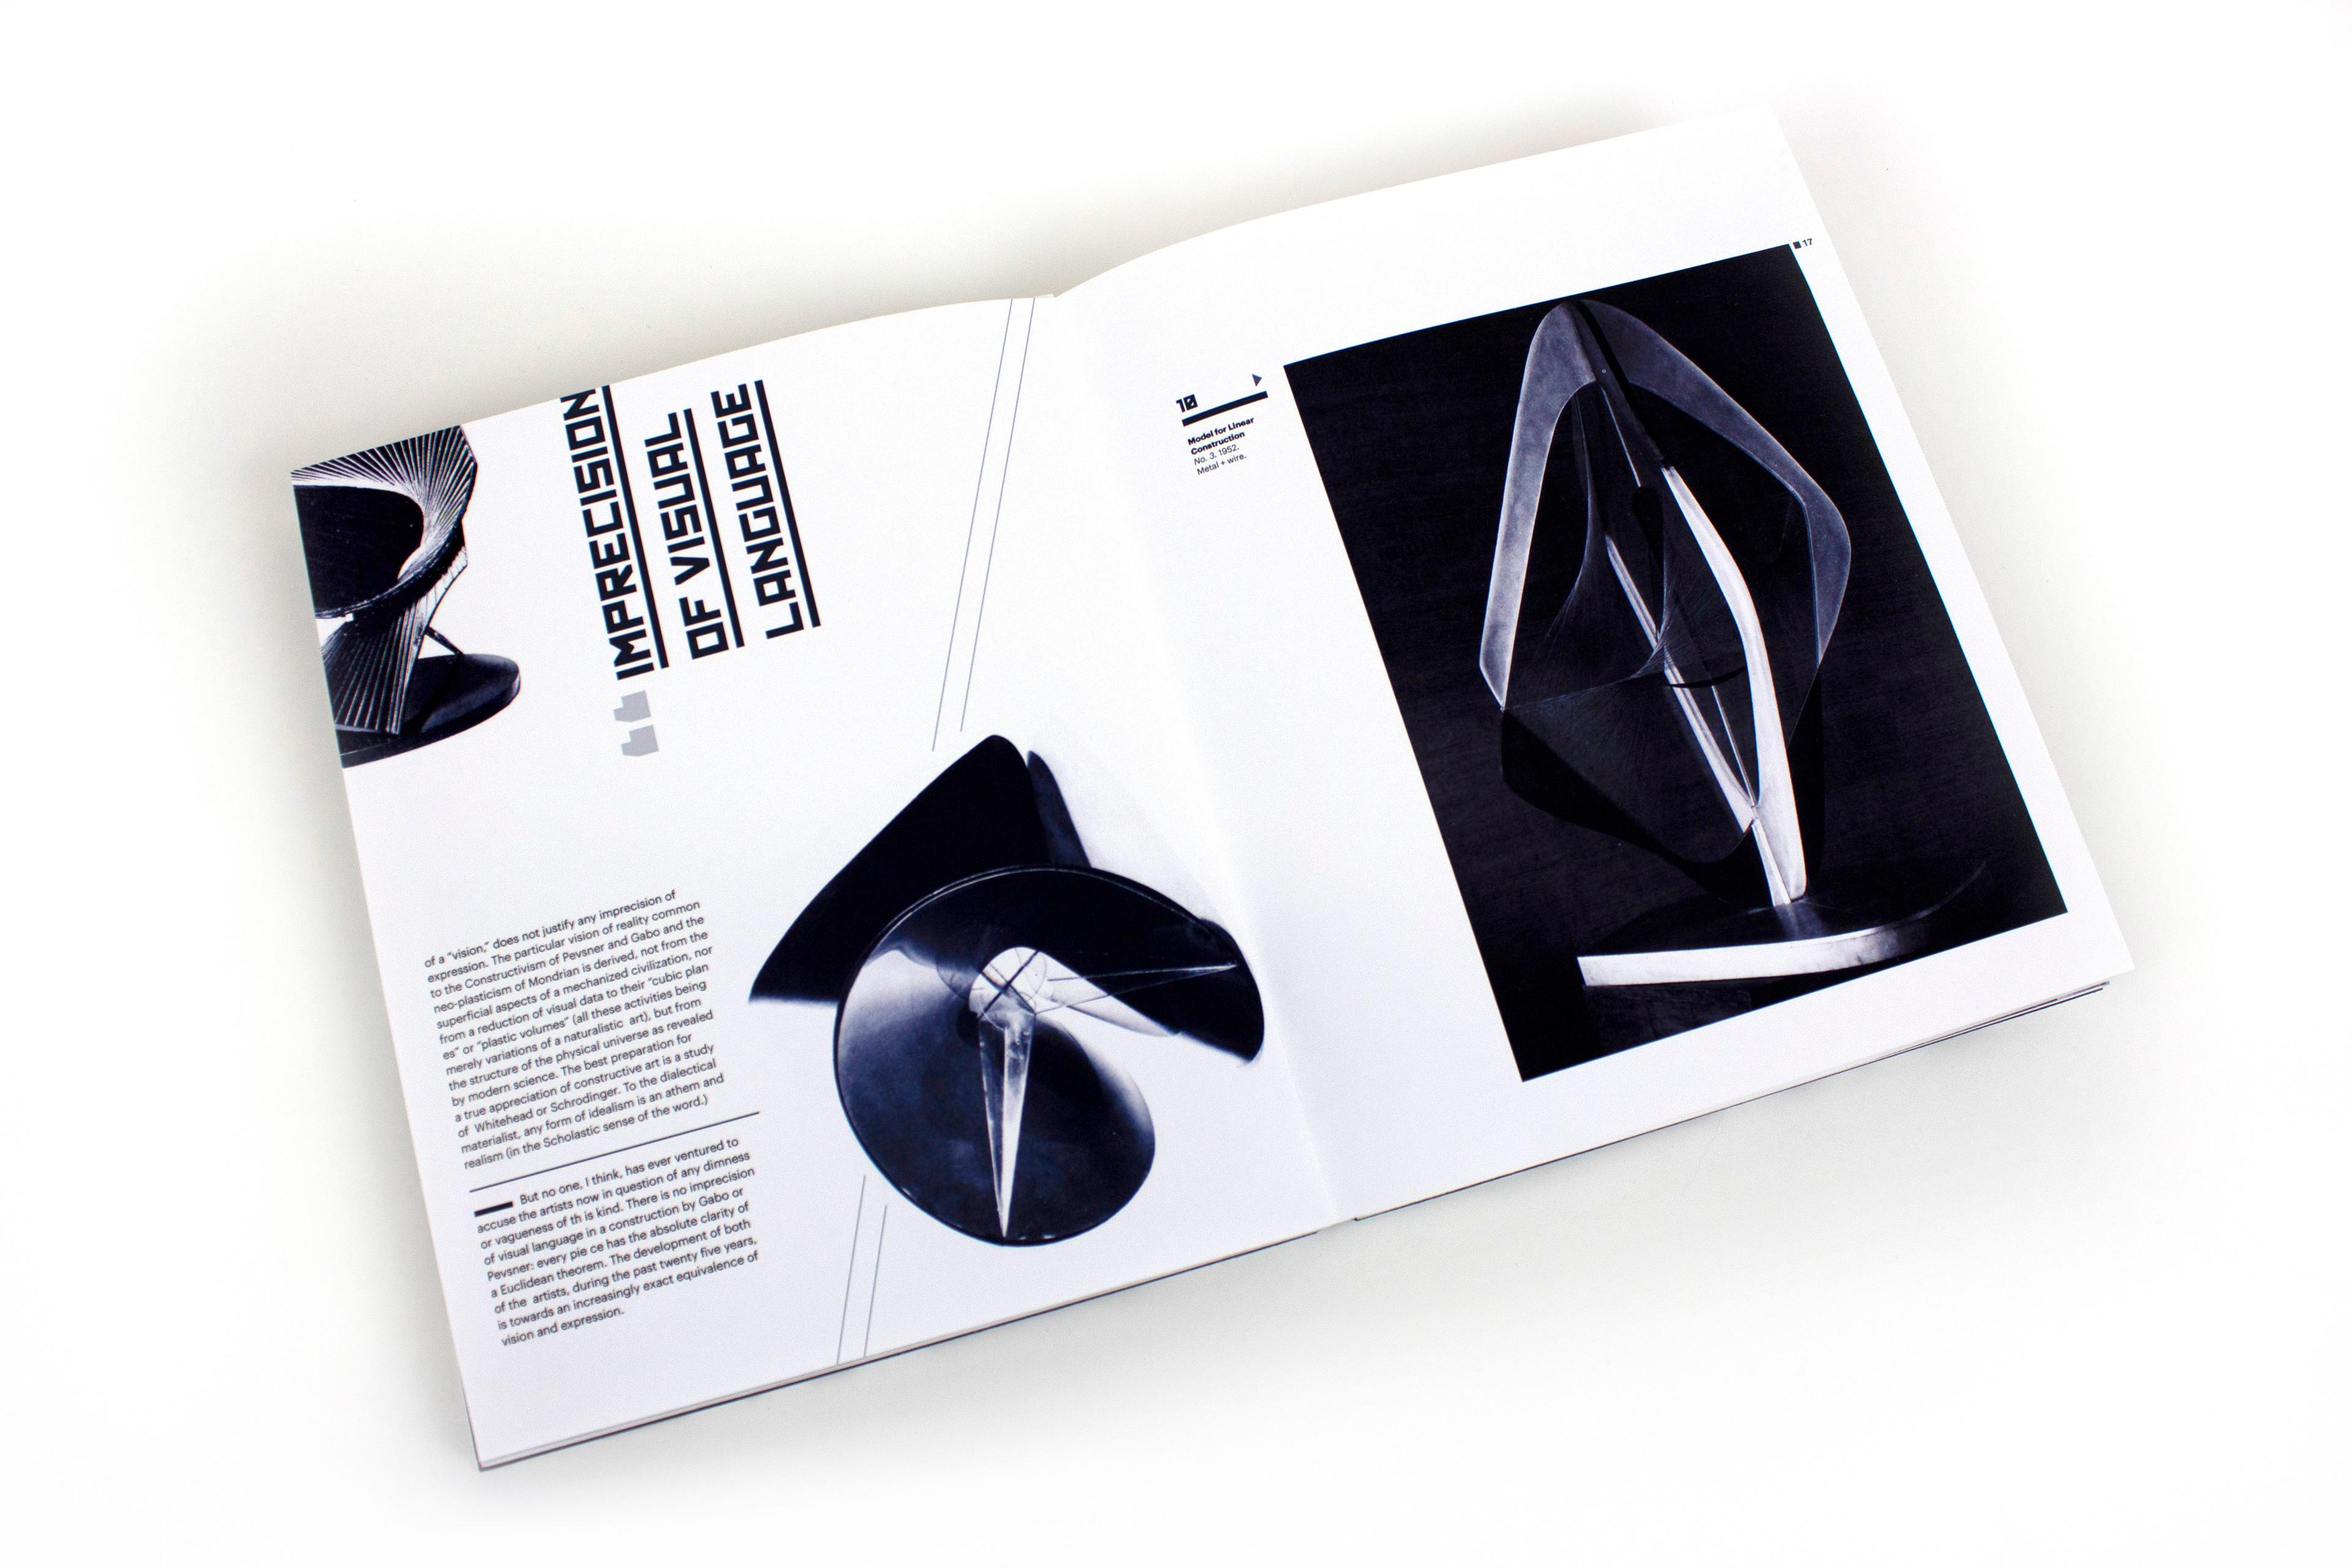 Kaci Kwiatek | Designer - Naum Gabo